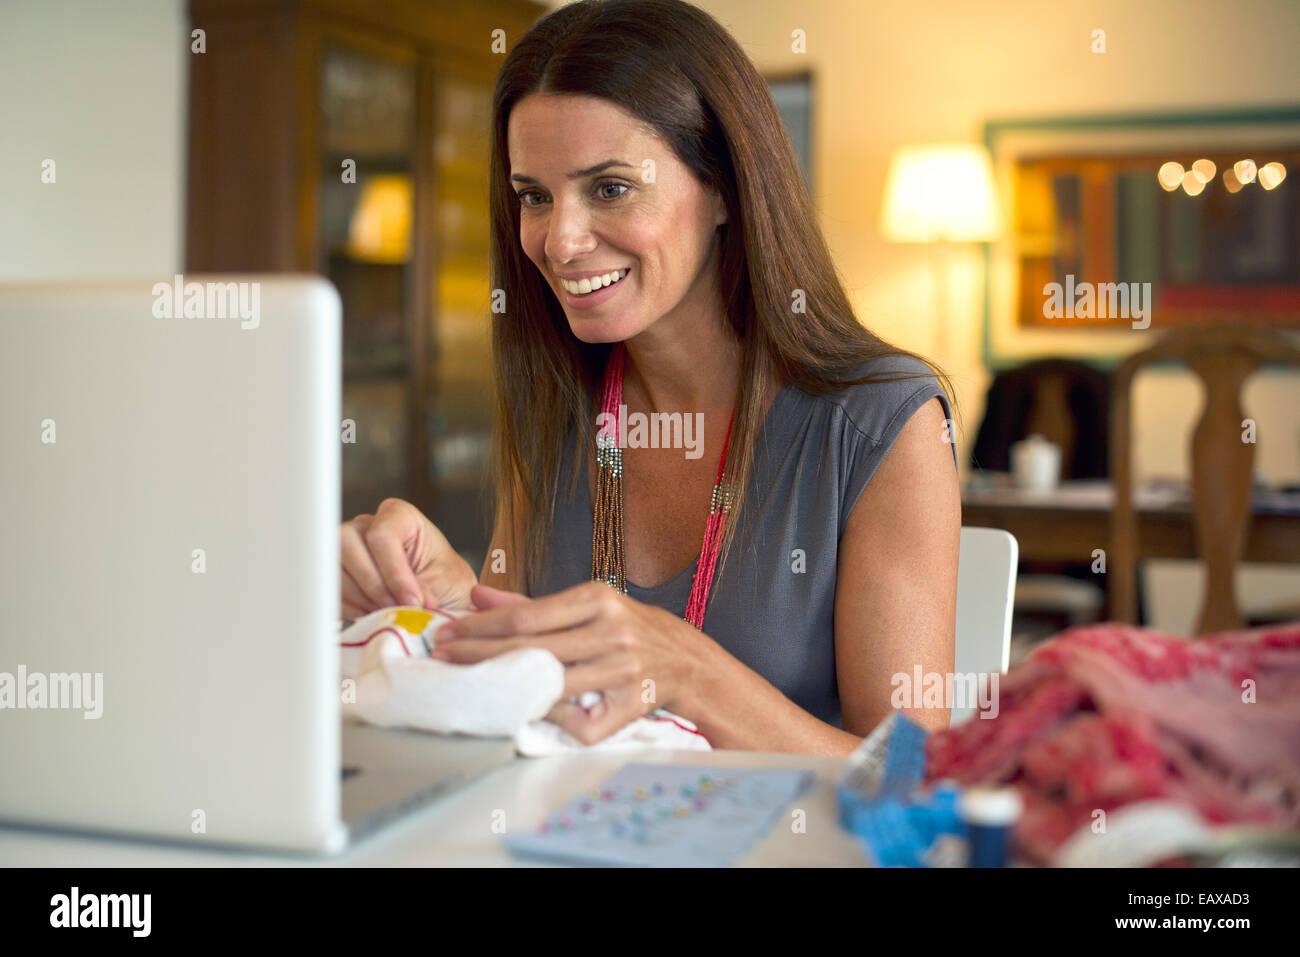 Frau auf der Suche auf Laptop-Computer während des Nähens Stockbild